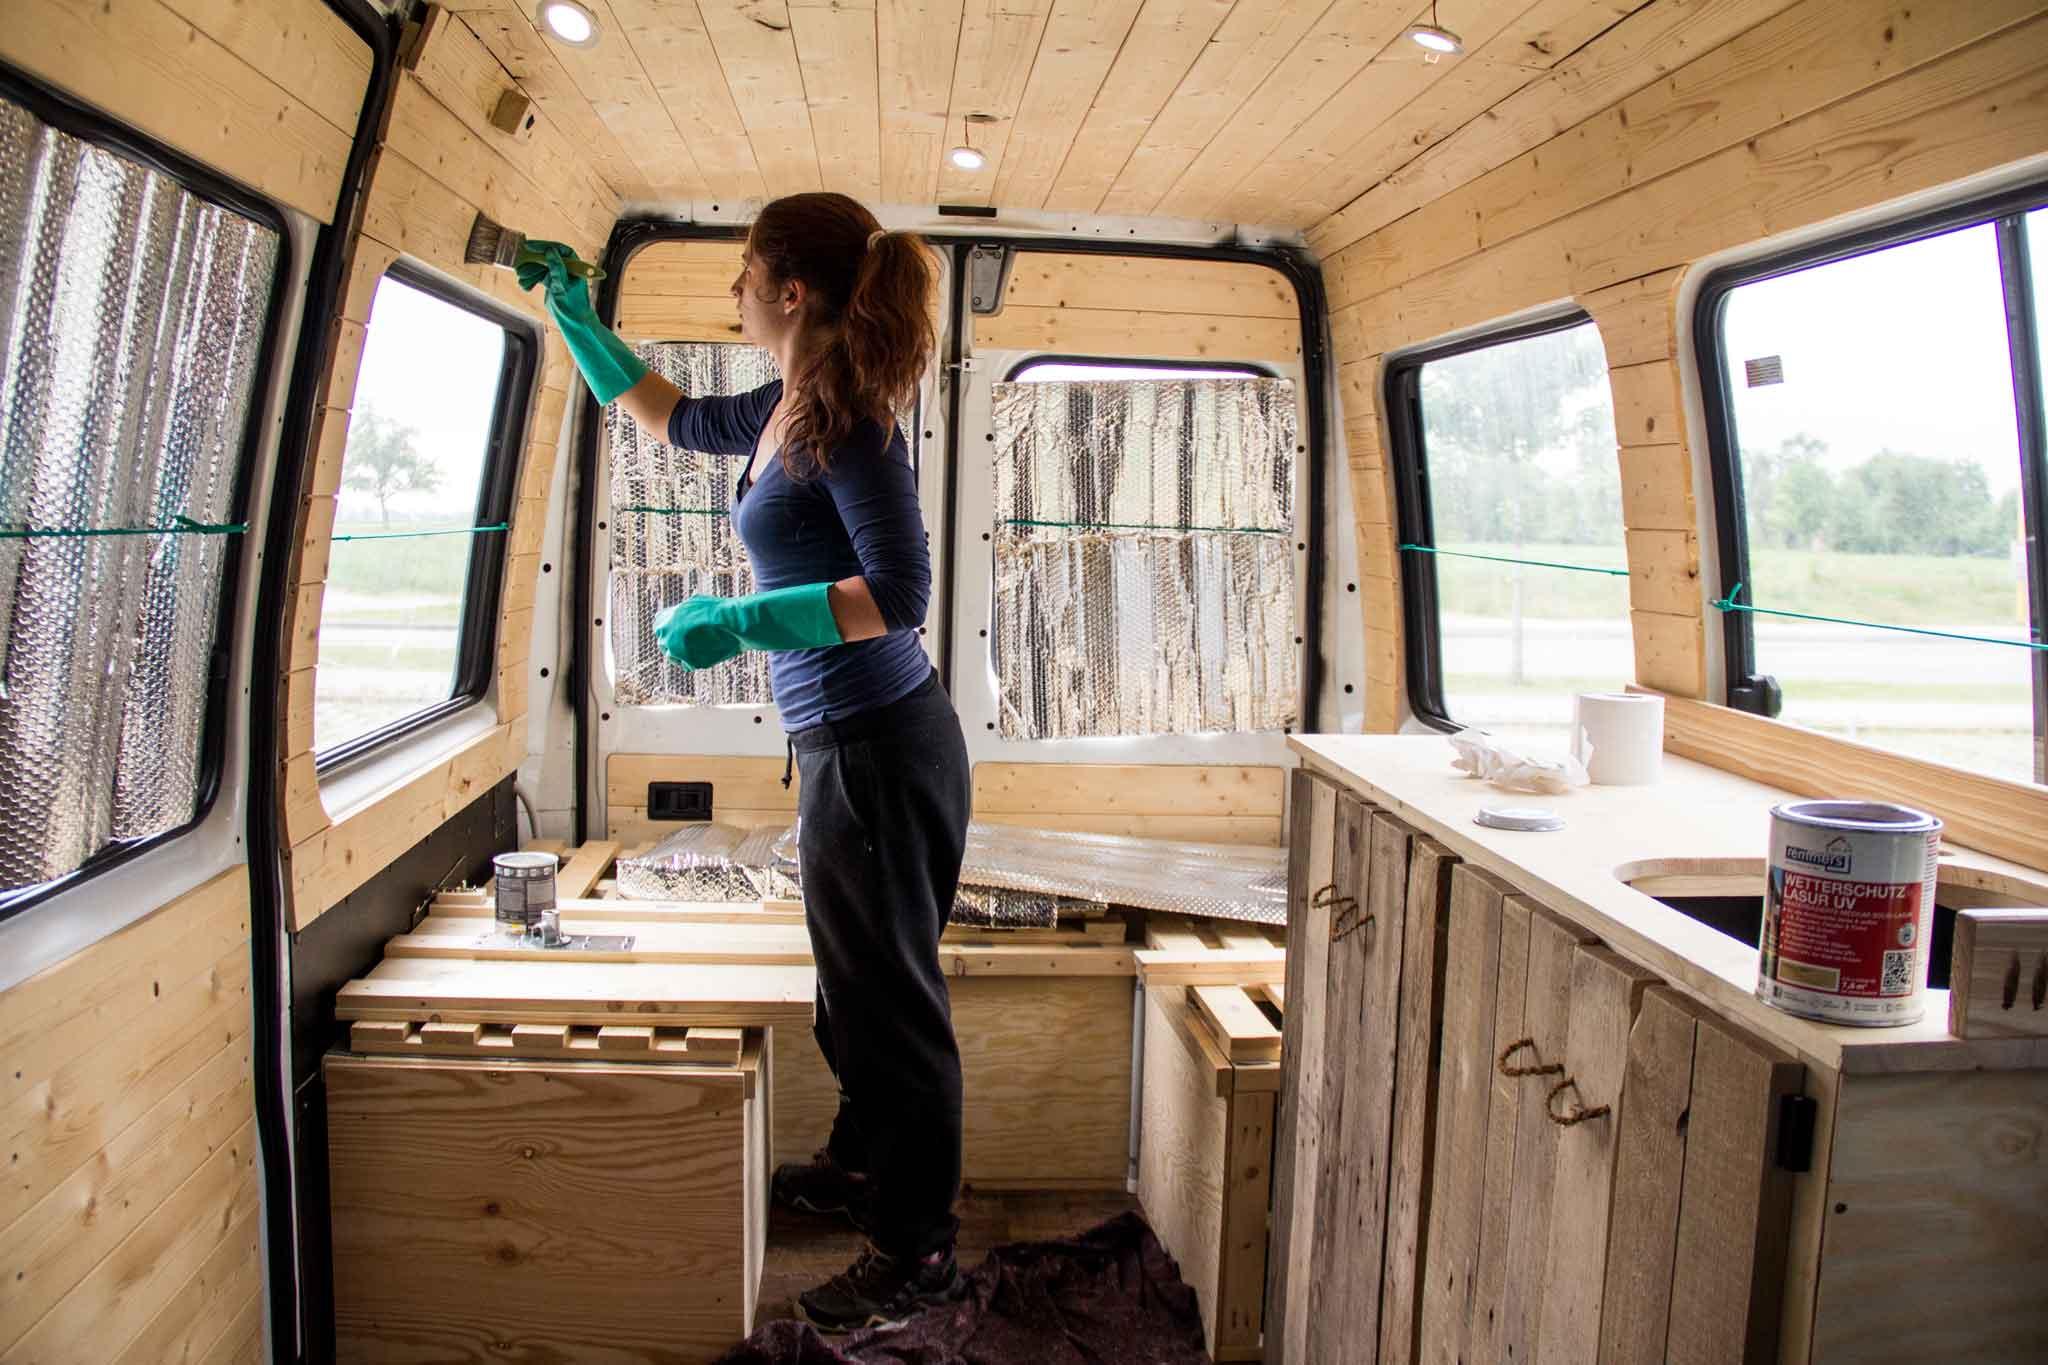 Famoso Furgone camperizzato: come trasformare un furgone in un camper PQ83